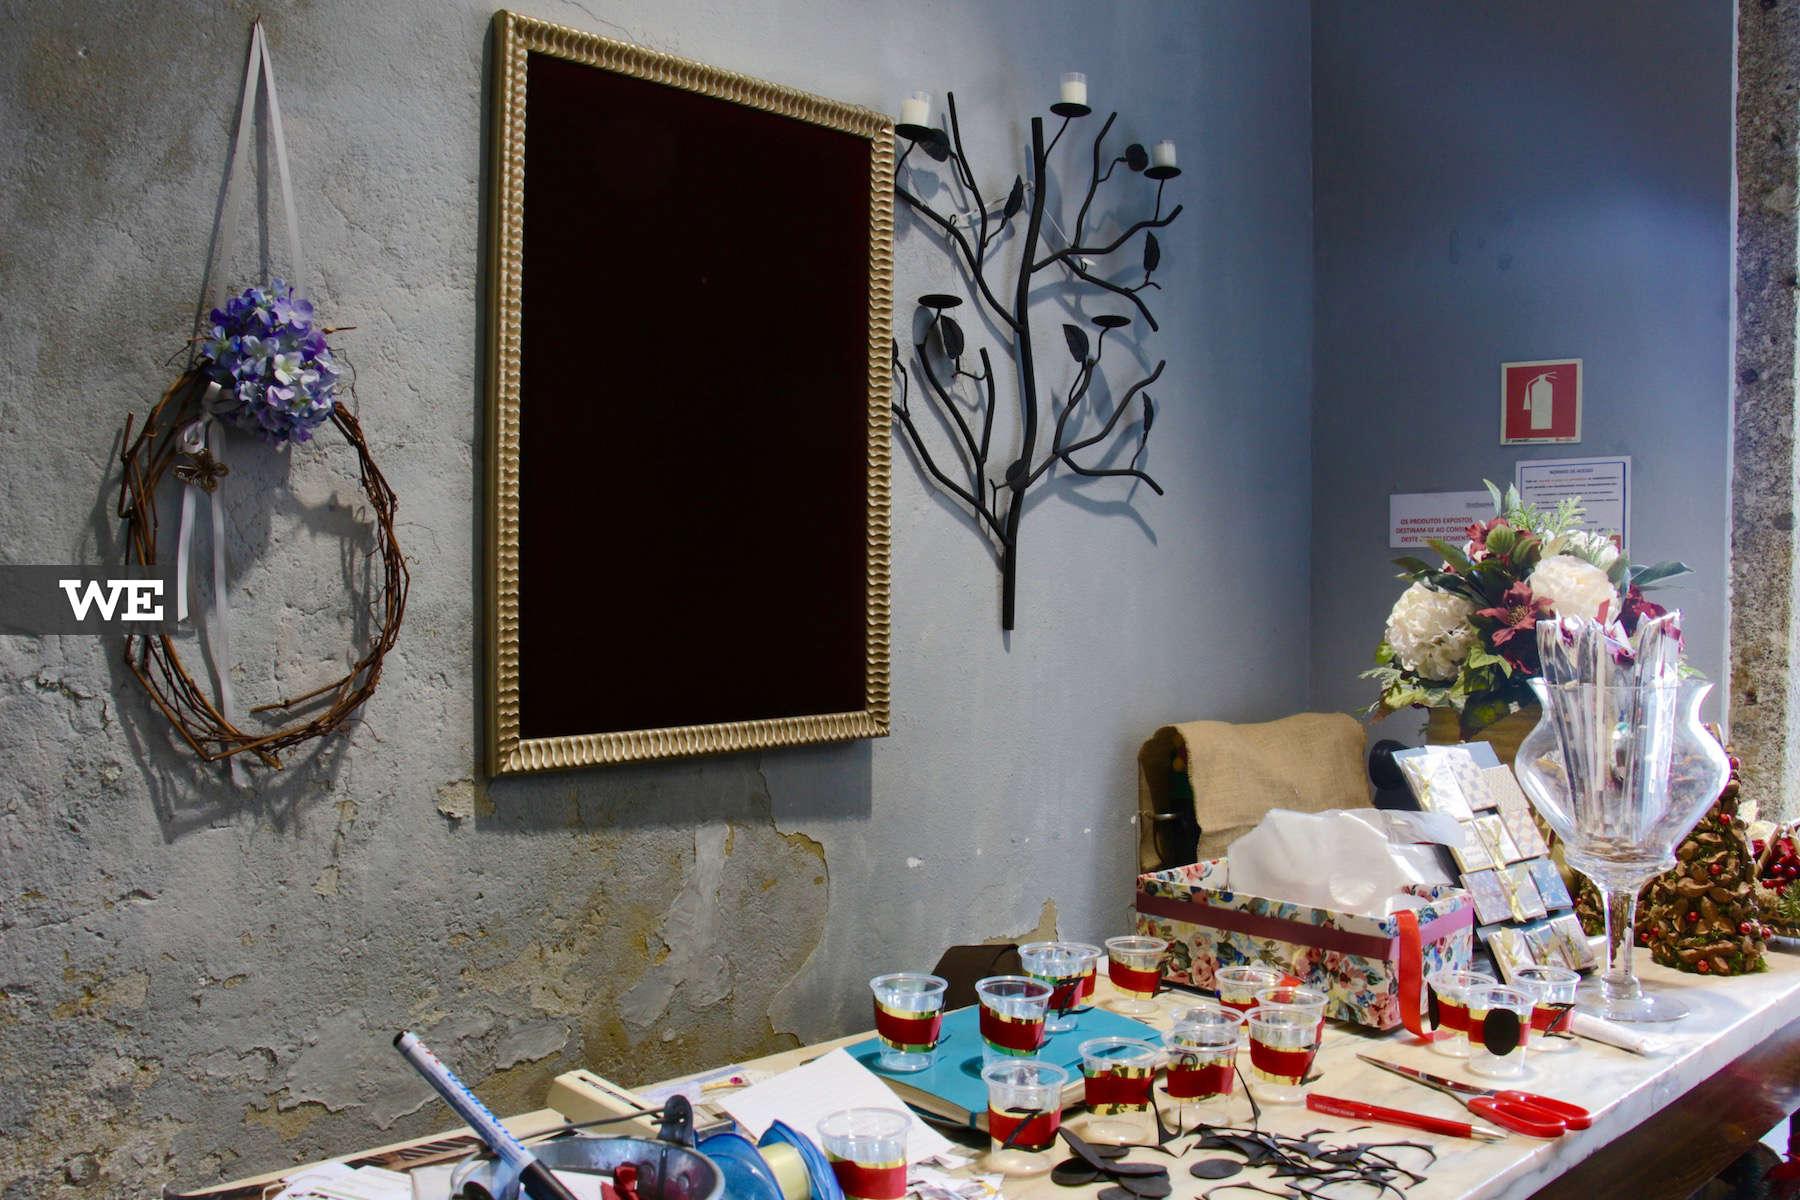 Mercearia da Joana, decoração de espaços e catering em Braga